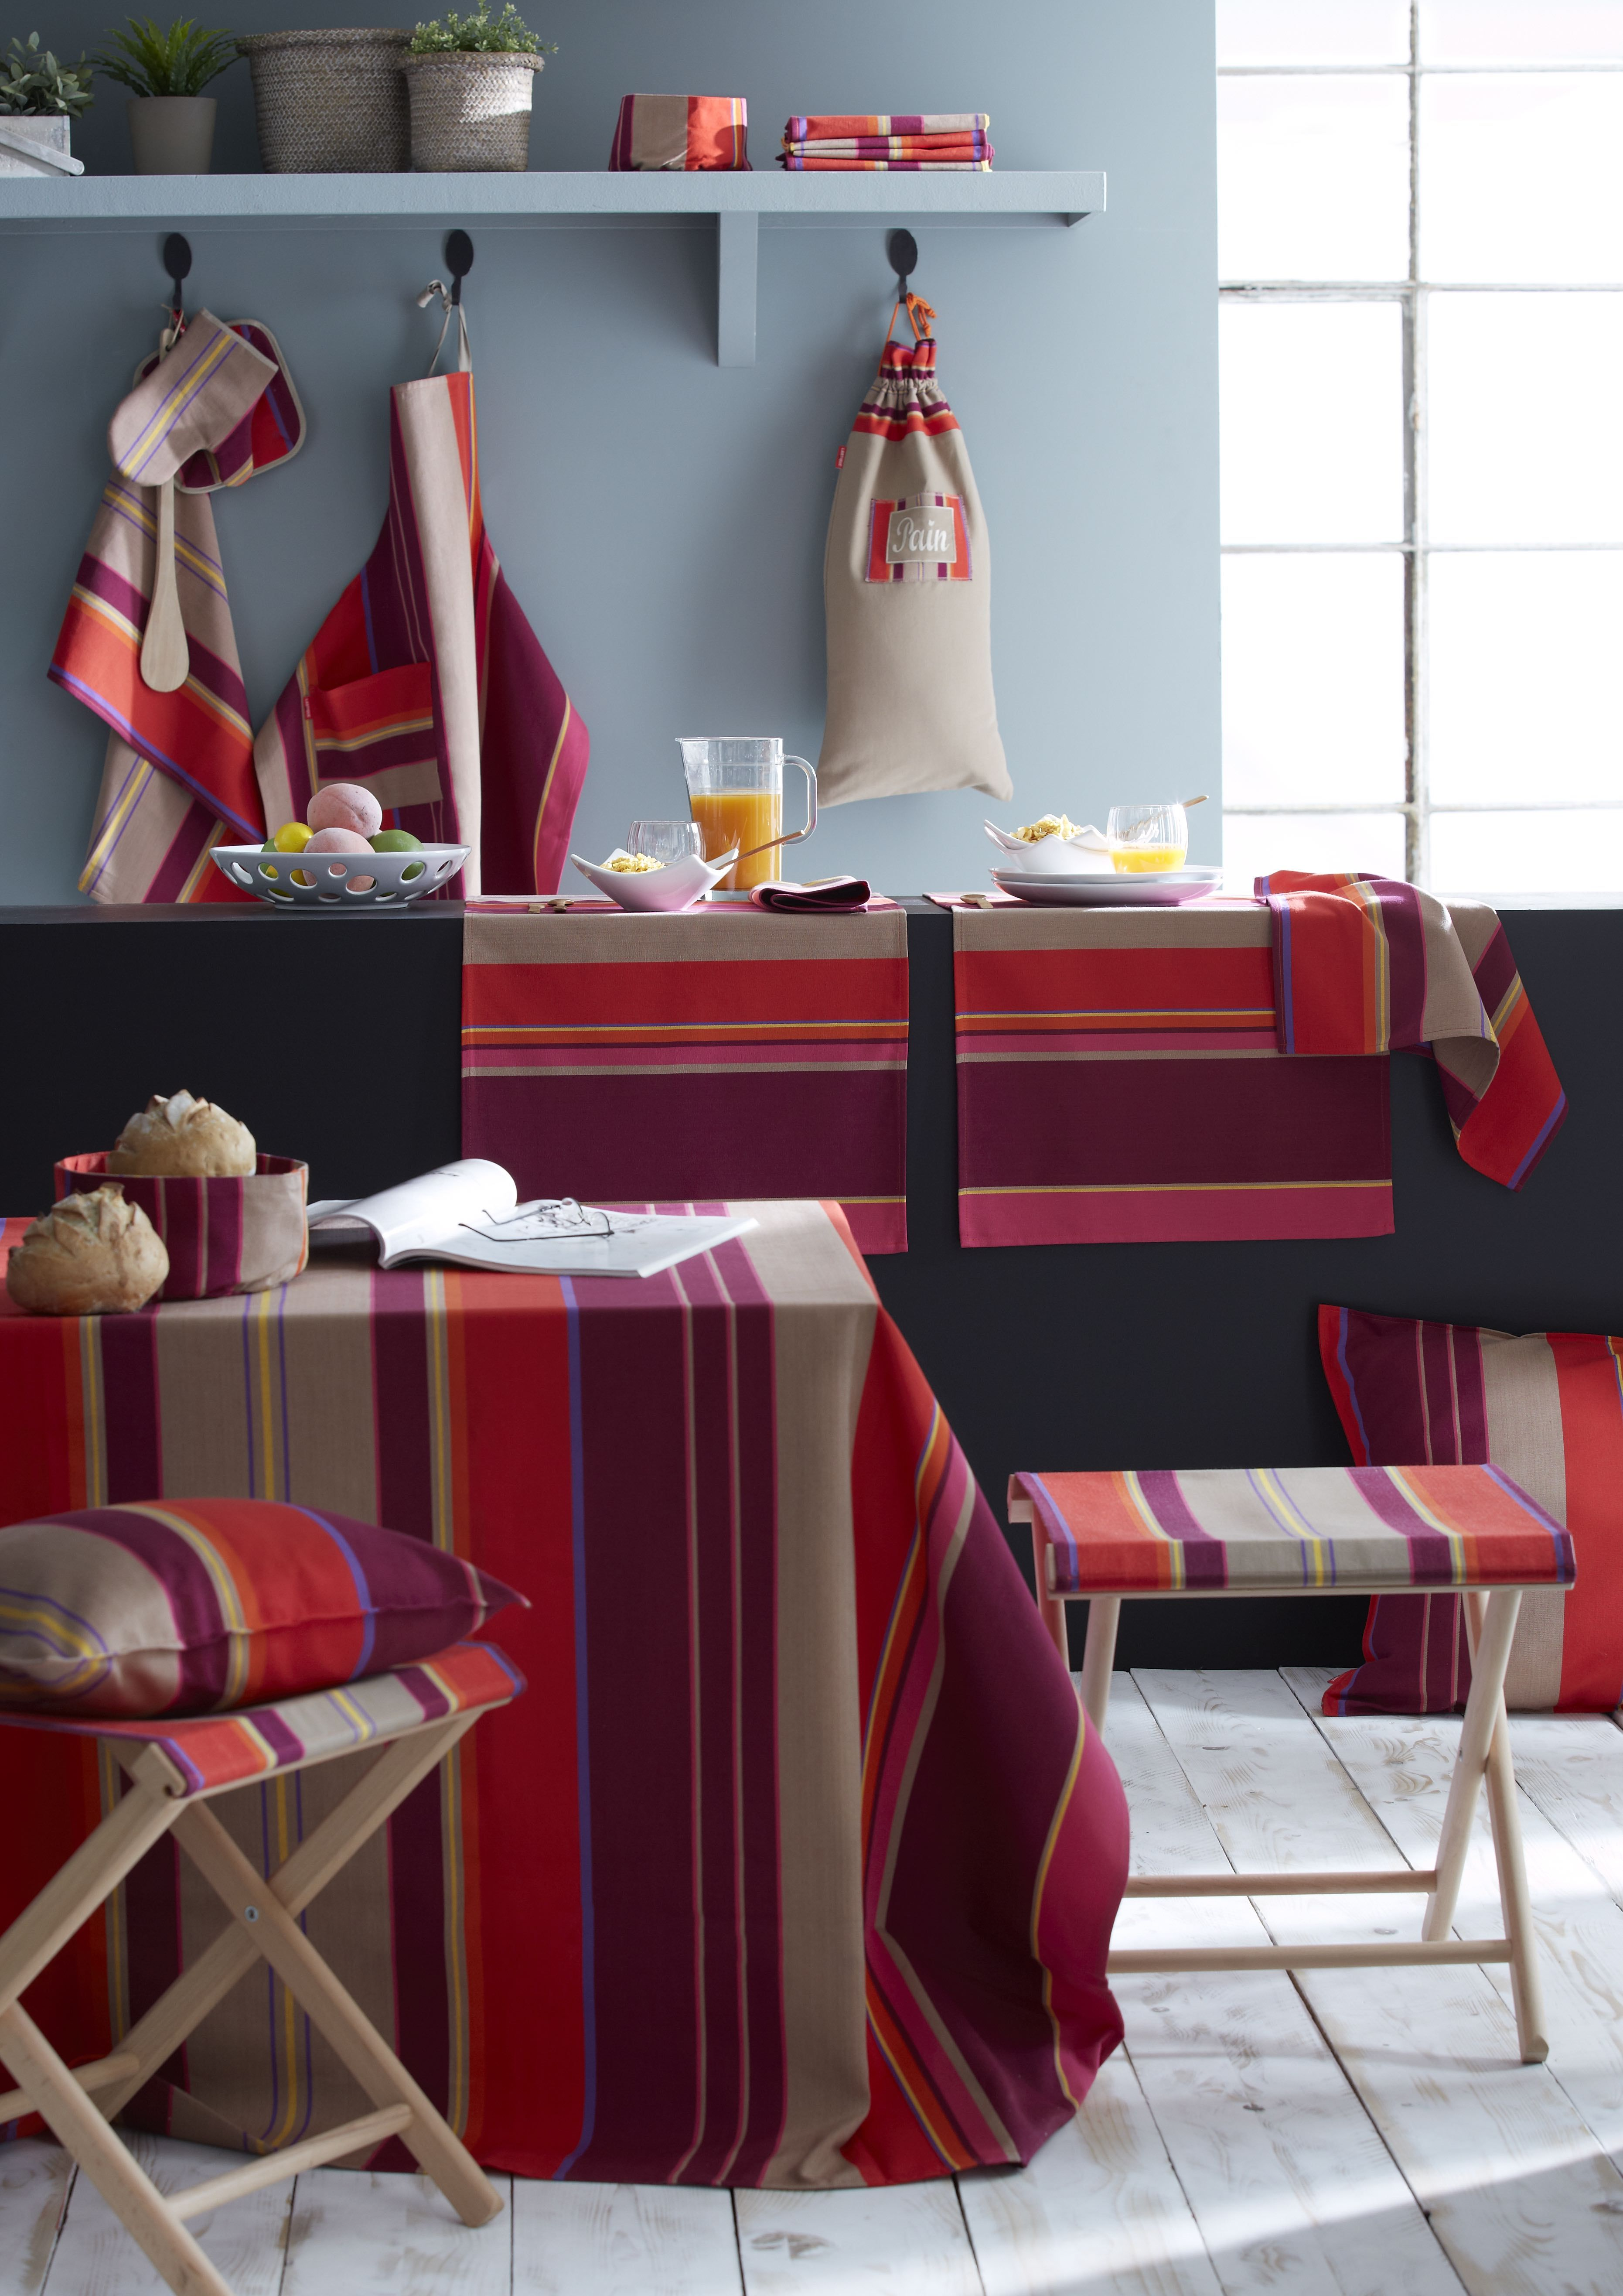 Toile ONEKA ! Linge basque - décoration cuisine  Linge basque